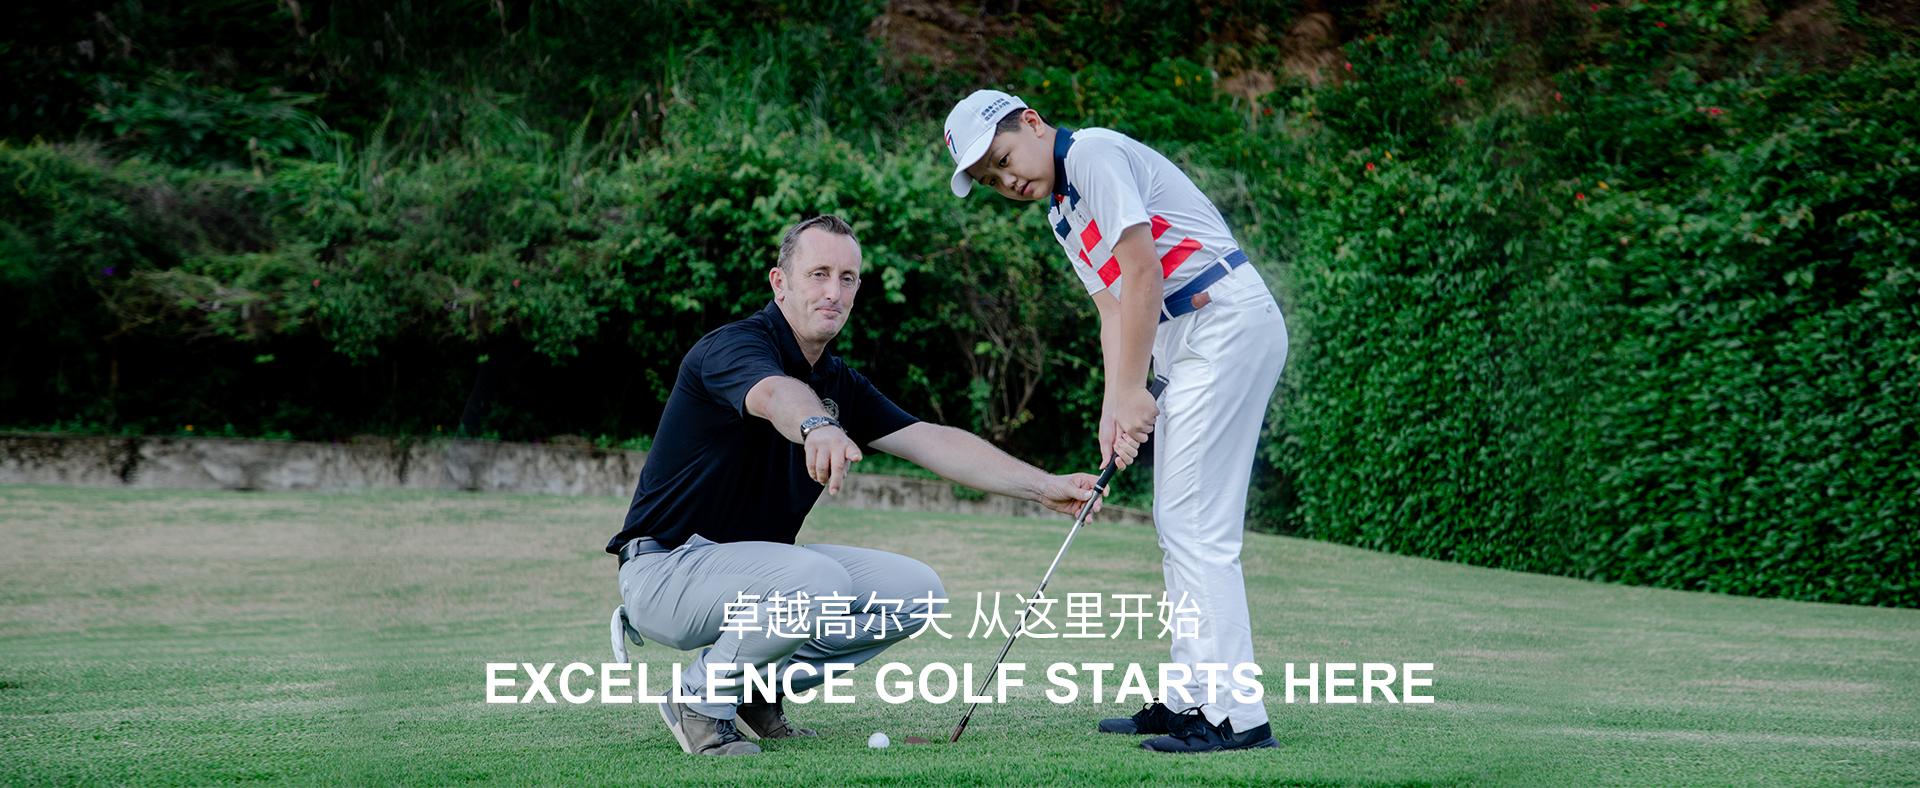 深圳高尔夫,龙岗高尔夫,正中高尔夫